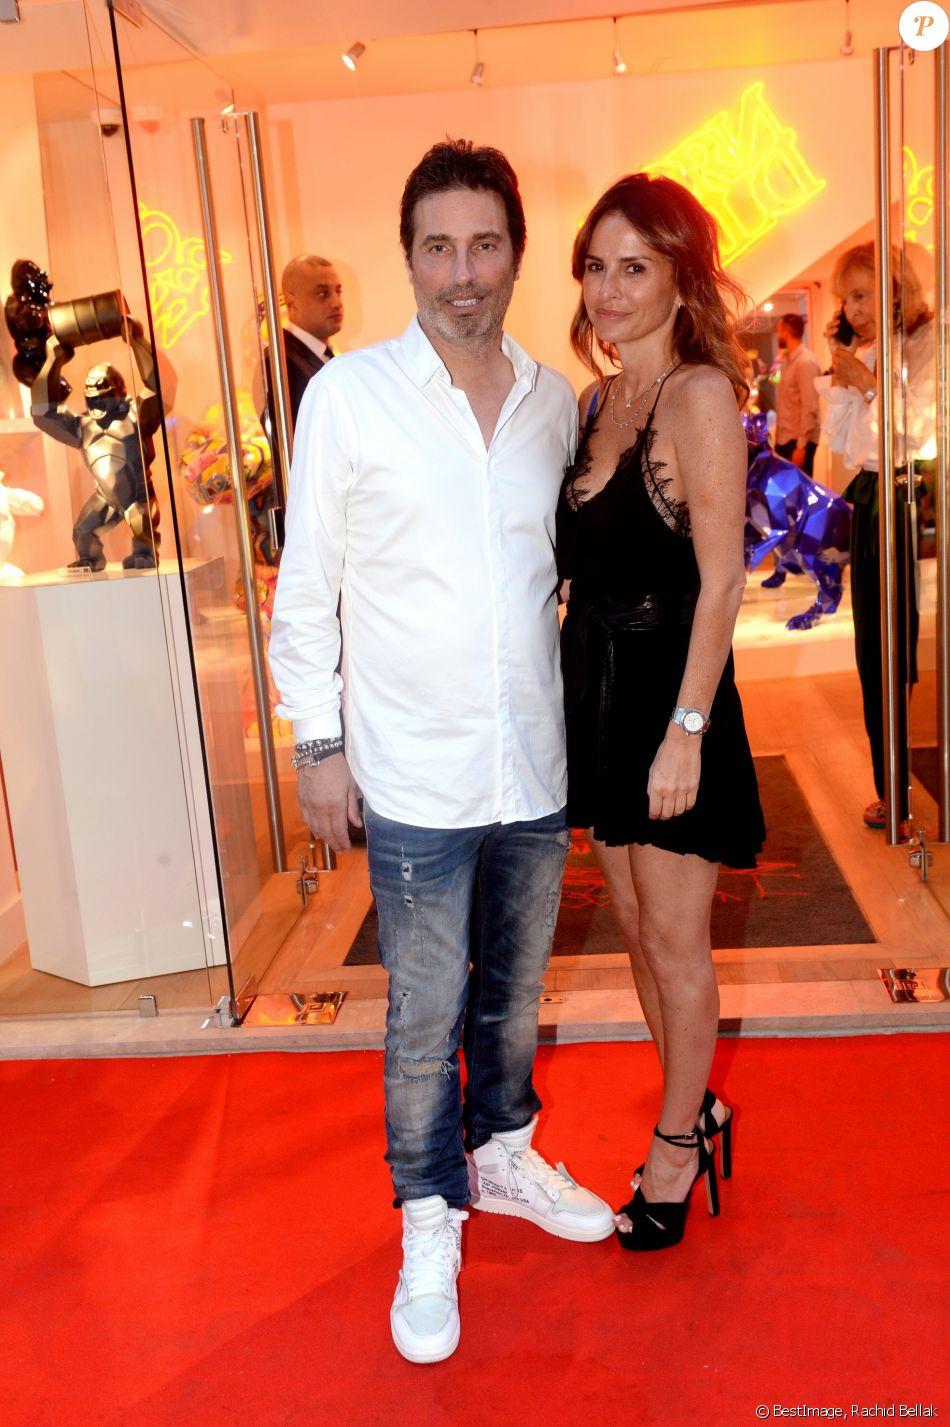 Exclusif - Richard Orlinski et sa compagne Stéphanie - Vernissage de la galerie Richard Orlinski à Saint-Tropez le 18 juillet 2018. © Rachid Bellak/Bestimage